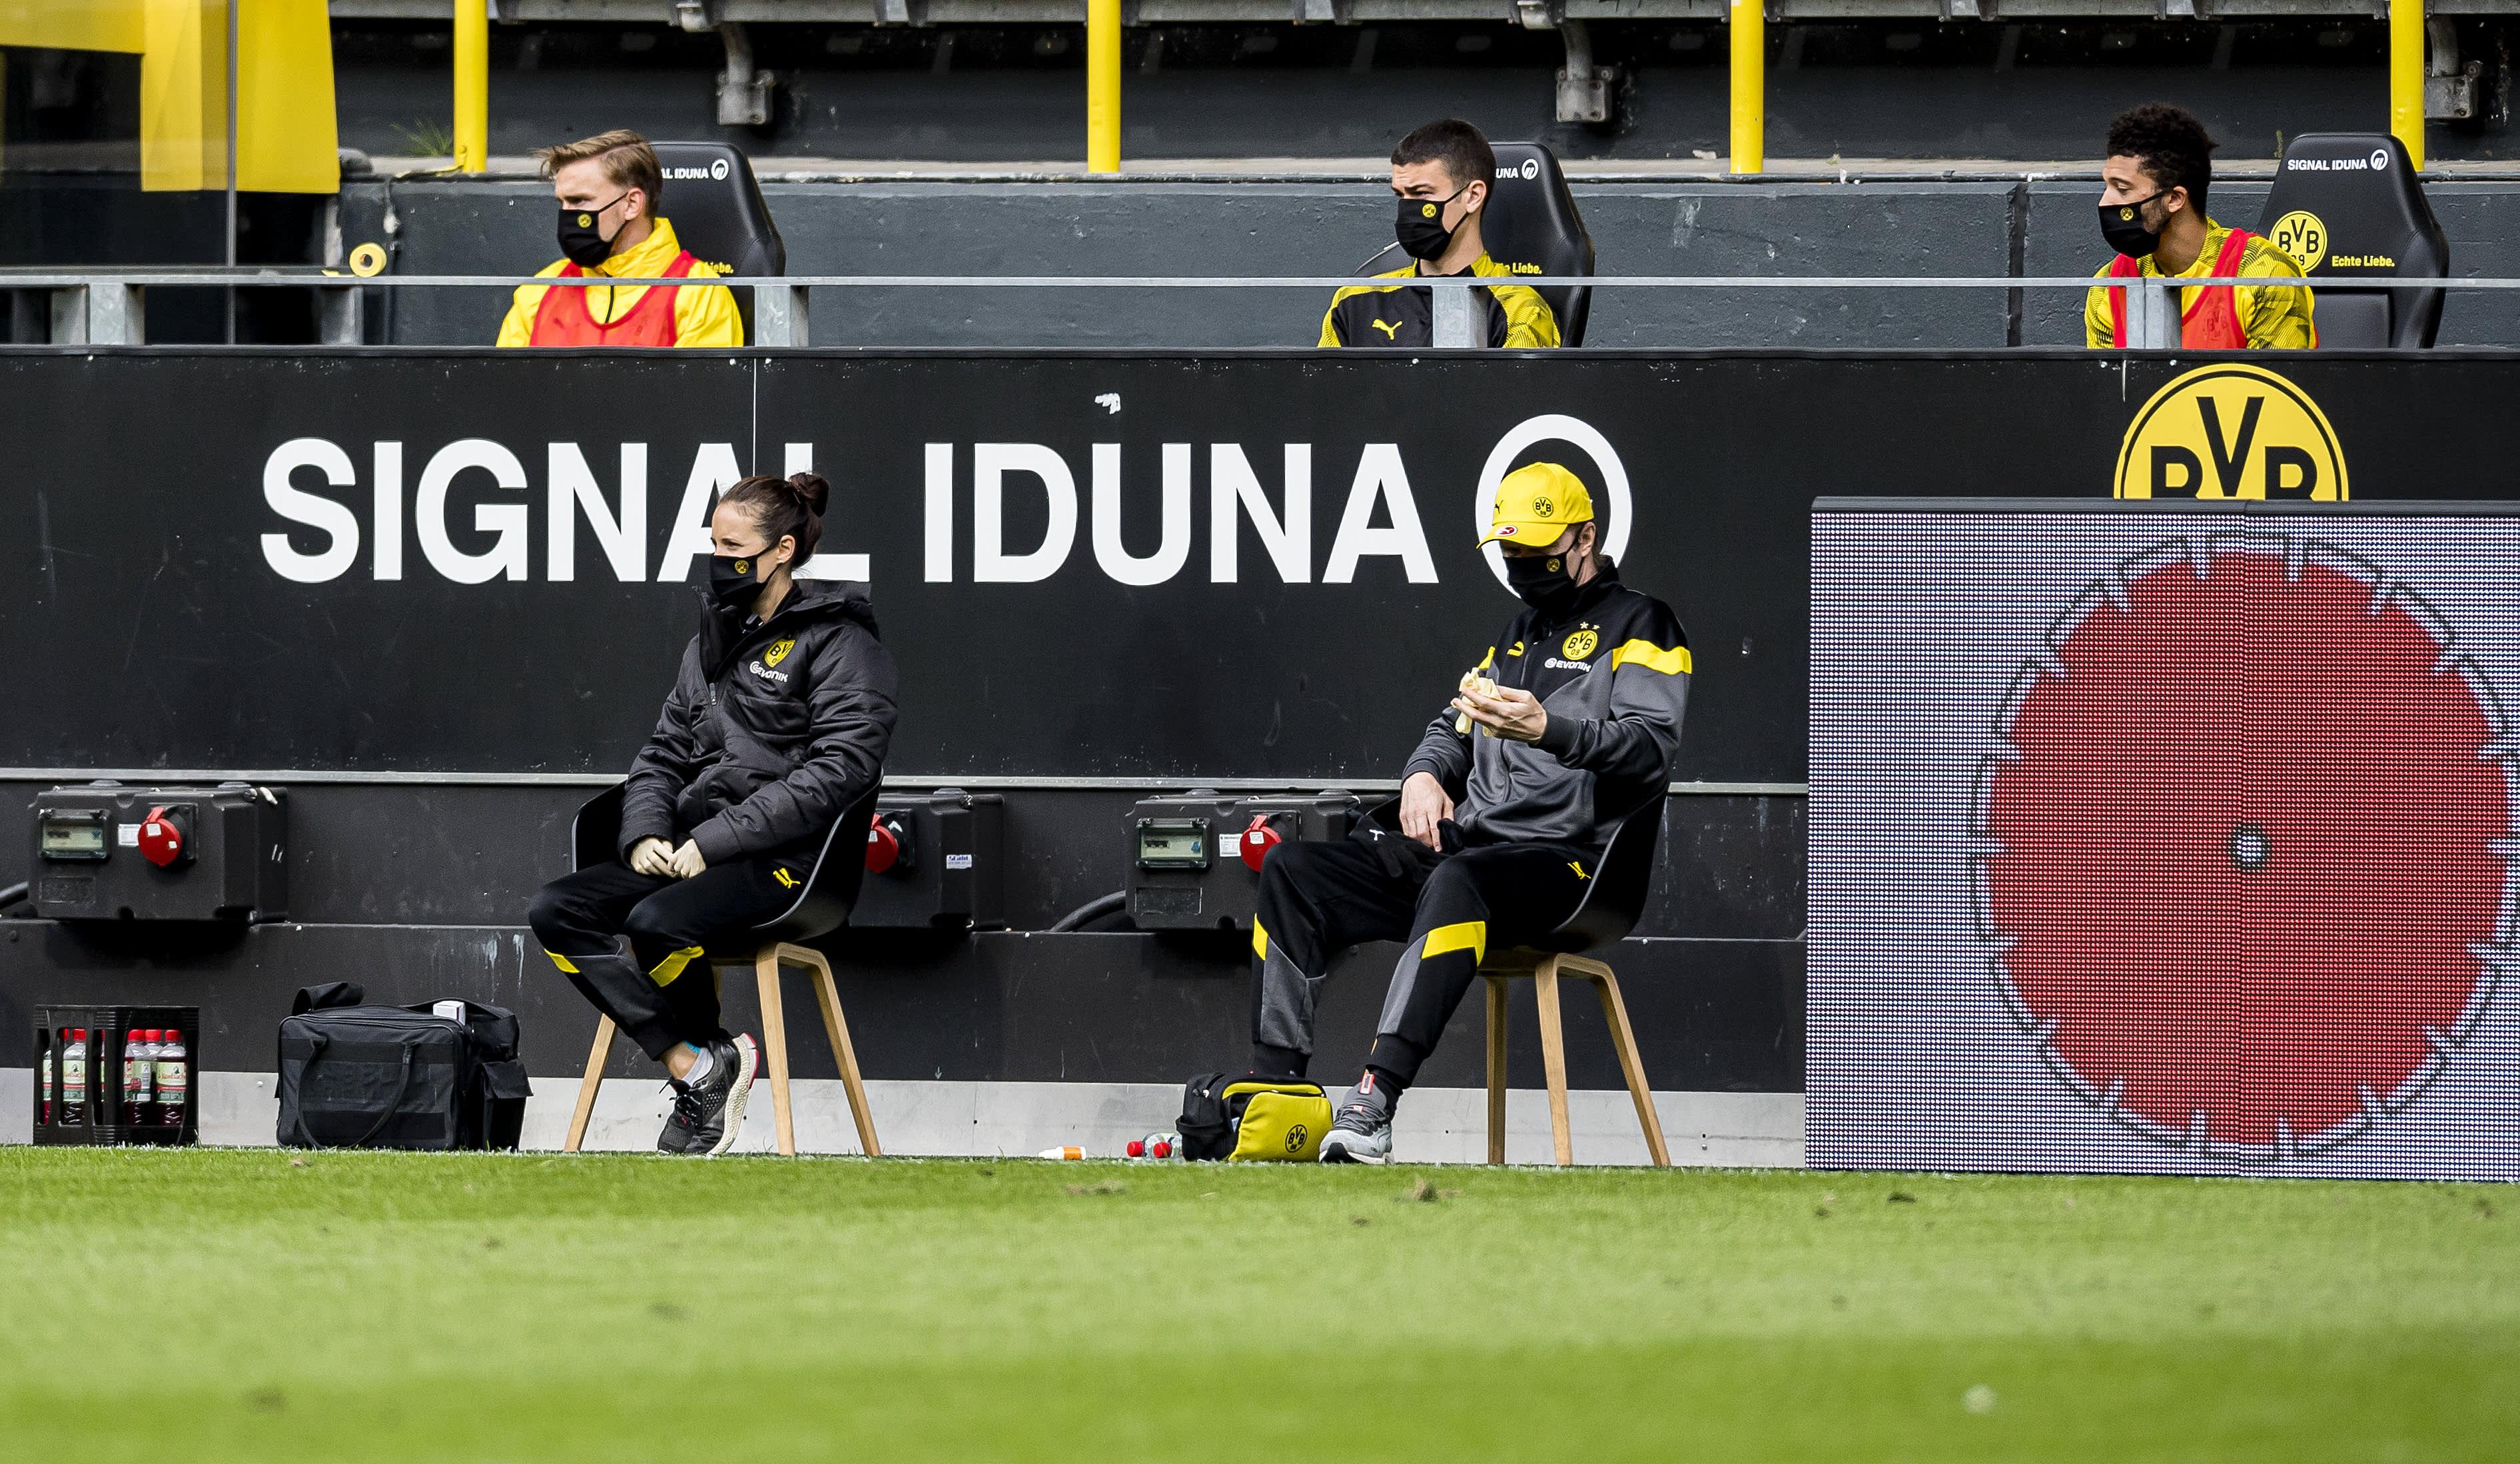 Vaihtopelaajia ottelussa Dortmund-Schalke 04